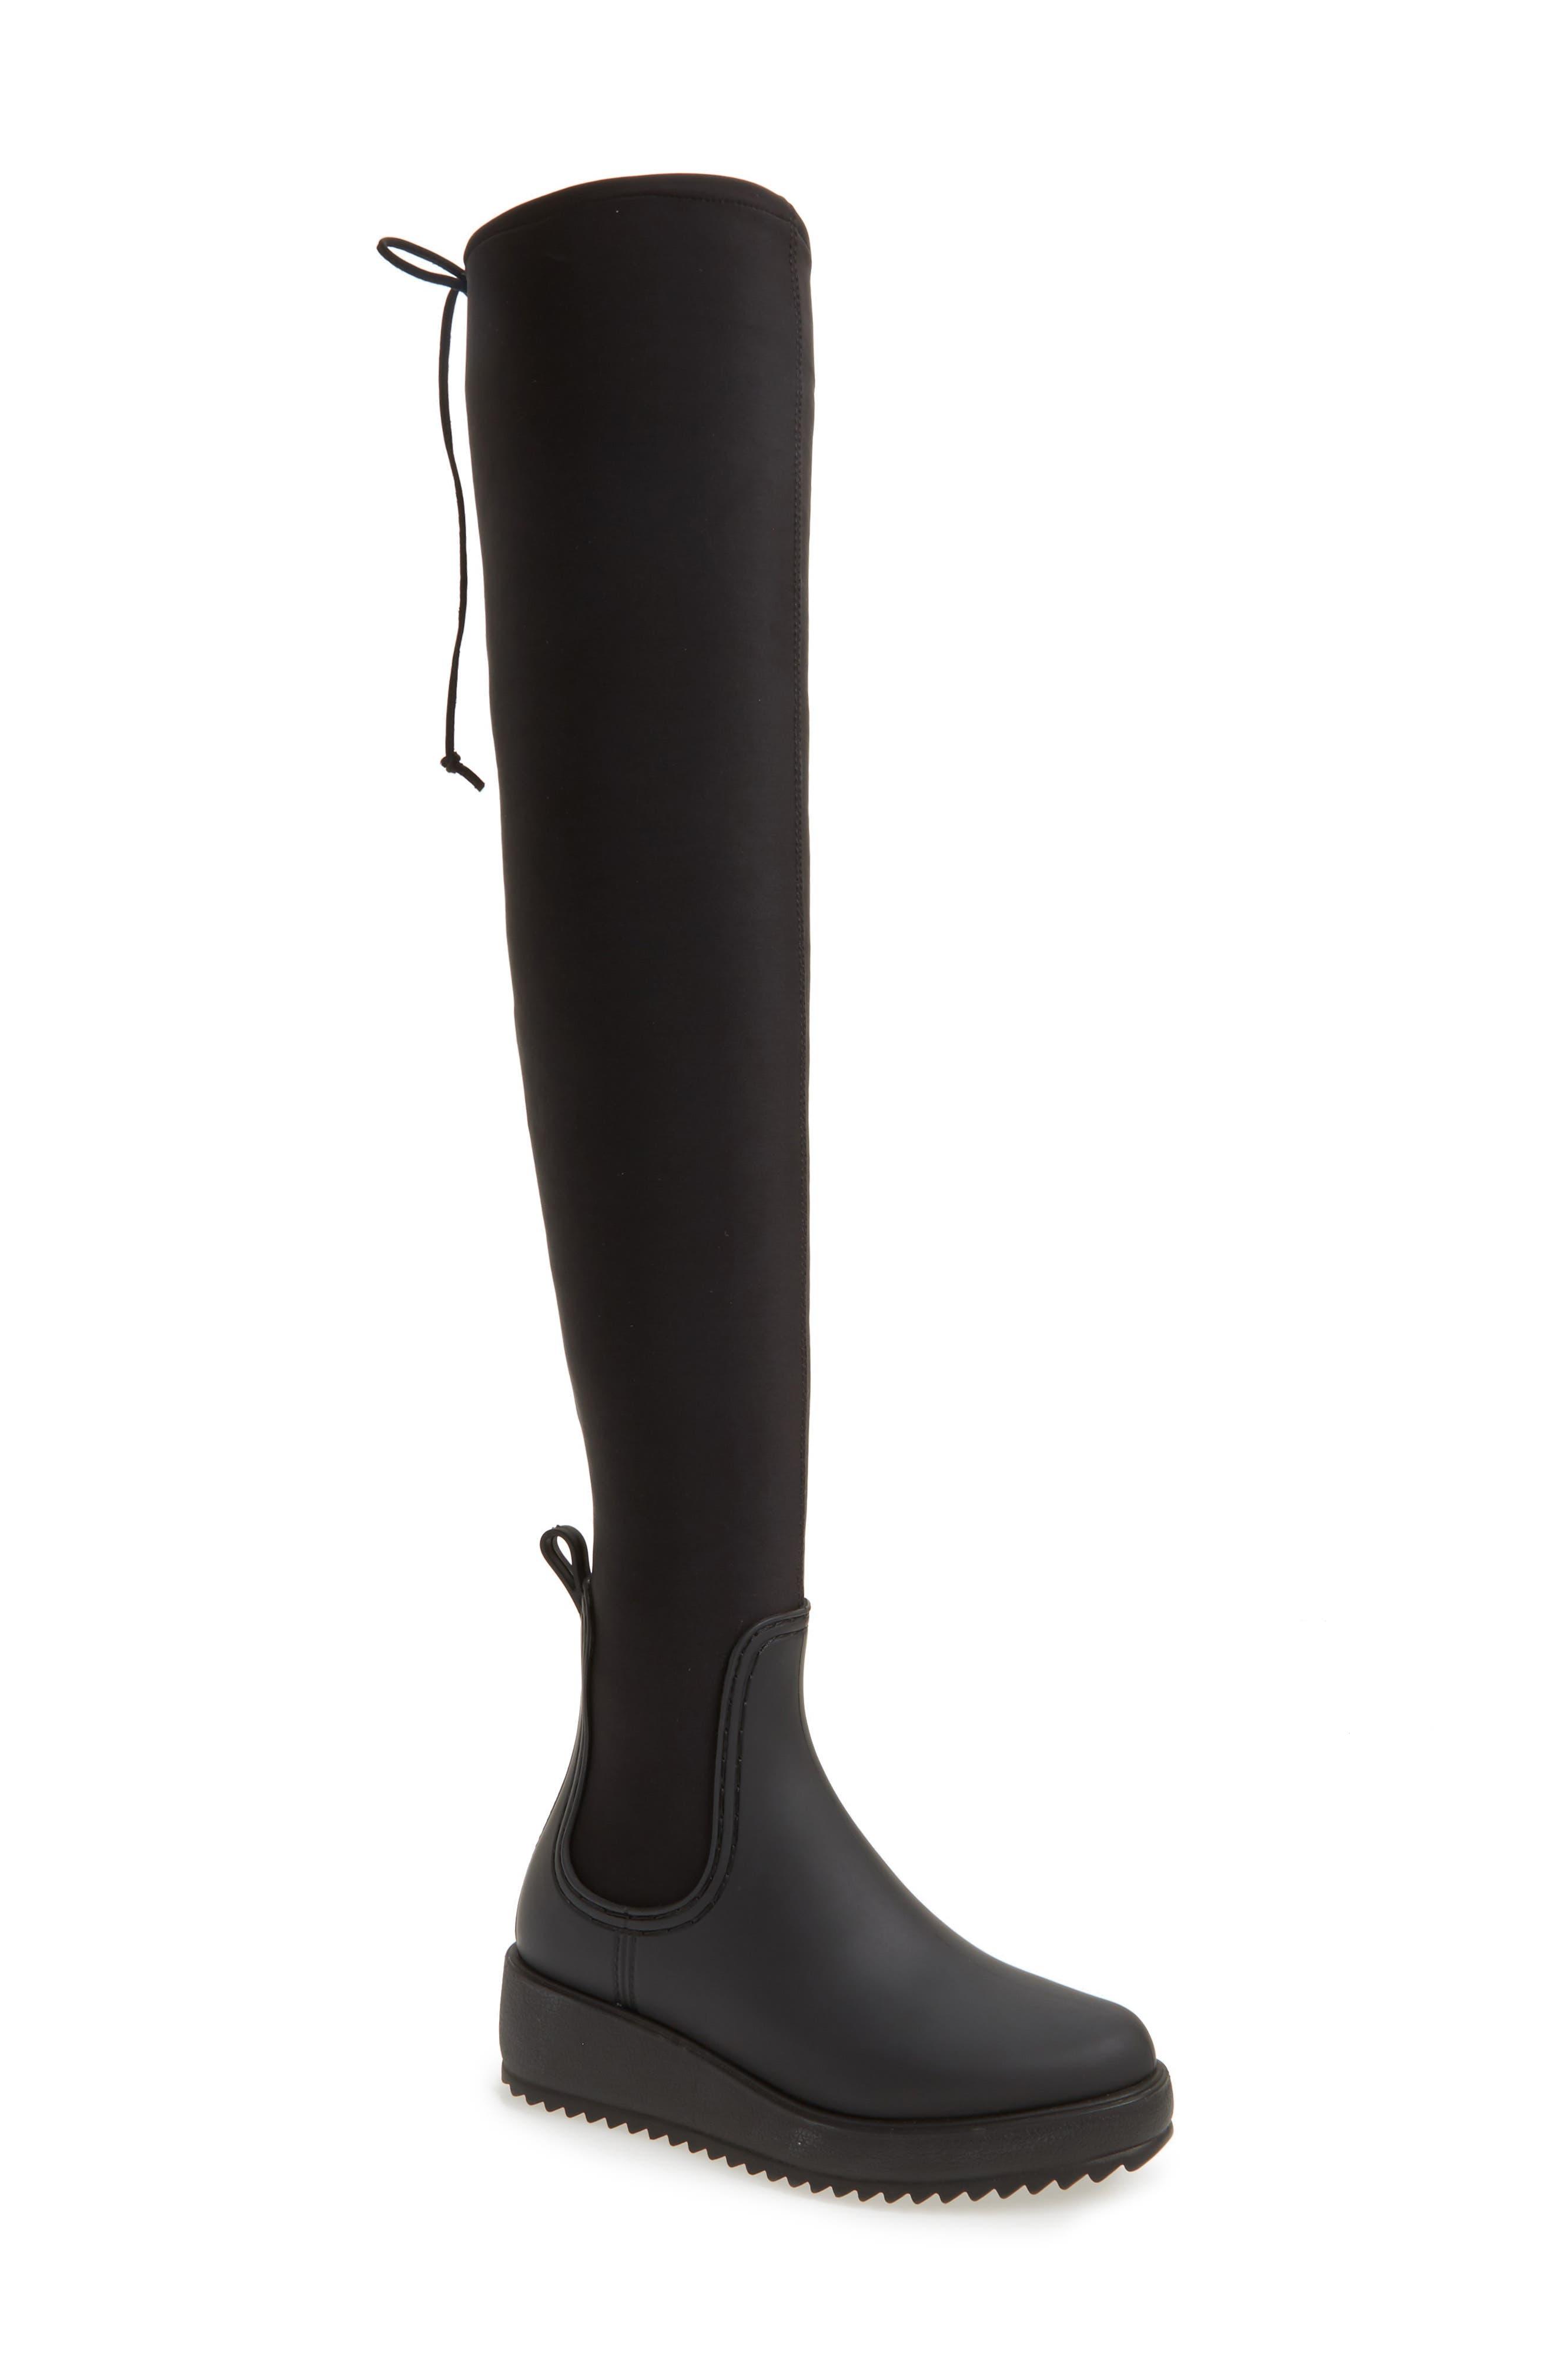 Monsoon Over the Knee Platform Rain Boot,                         Main,                         color, Black Black Neoprene